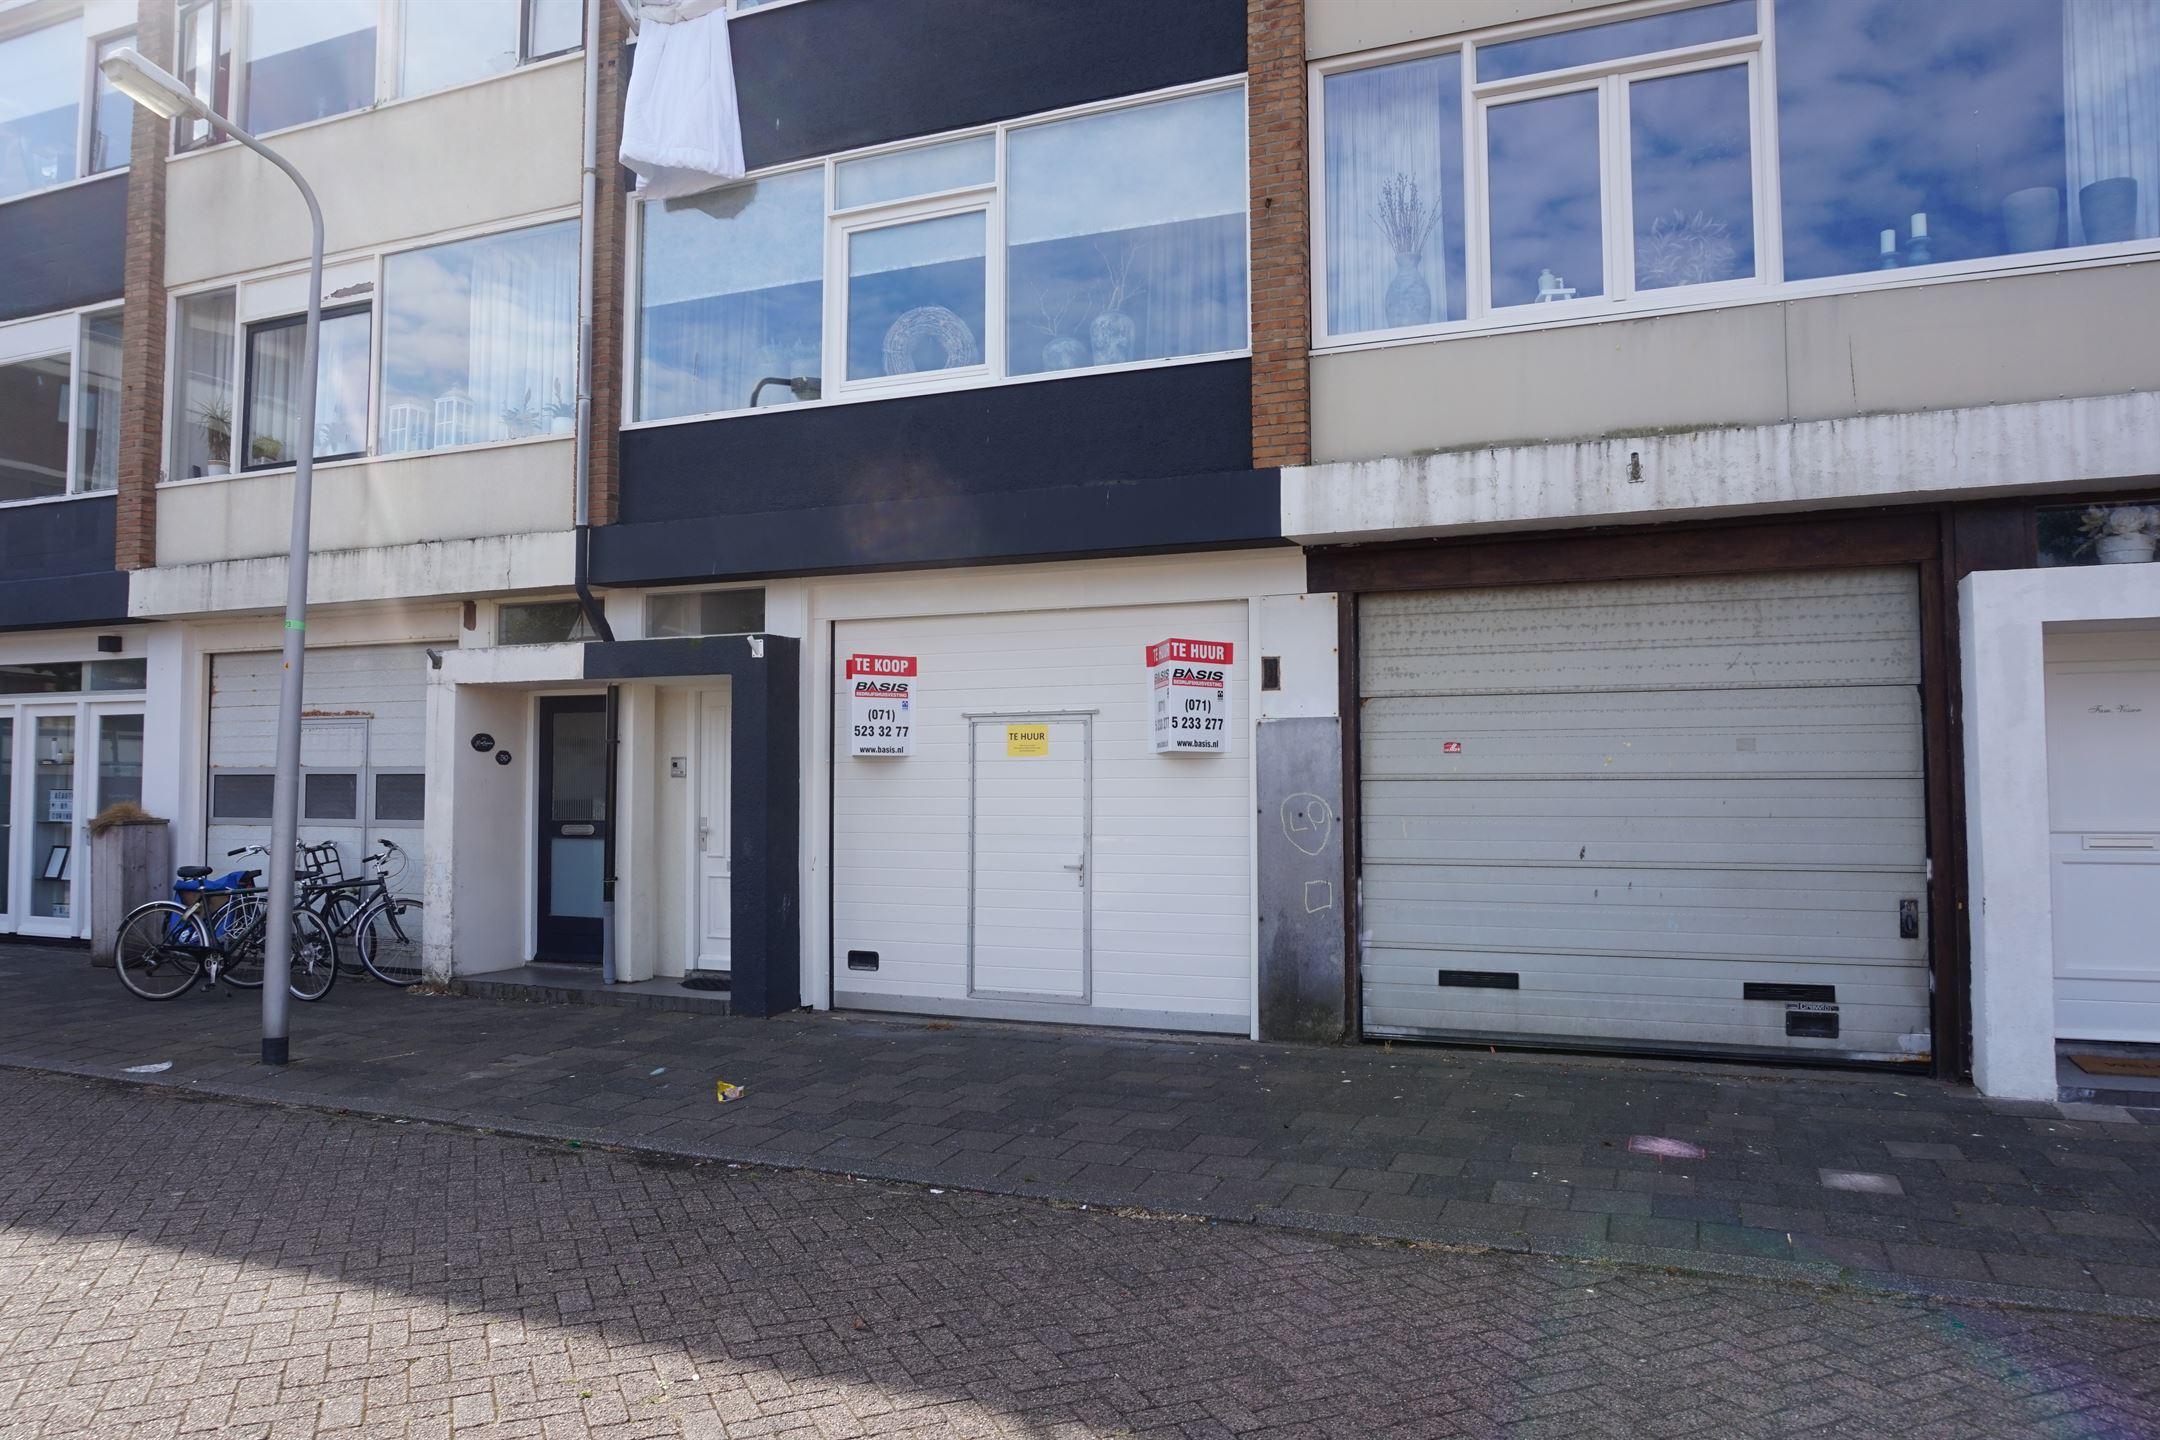 Garage Huren Katwijk : Katwijk zoek verhuurd: willy sluiterstraat 37 g 2225 kc katwijk